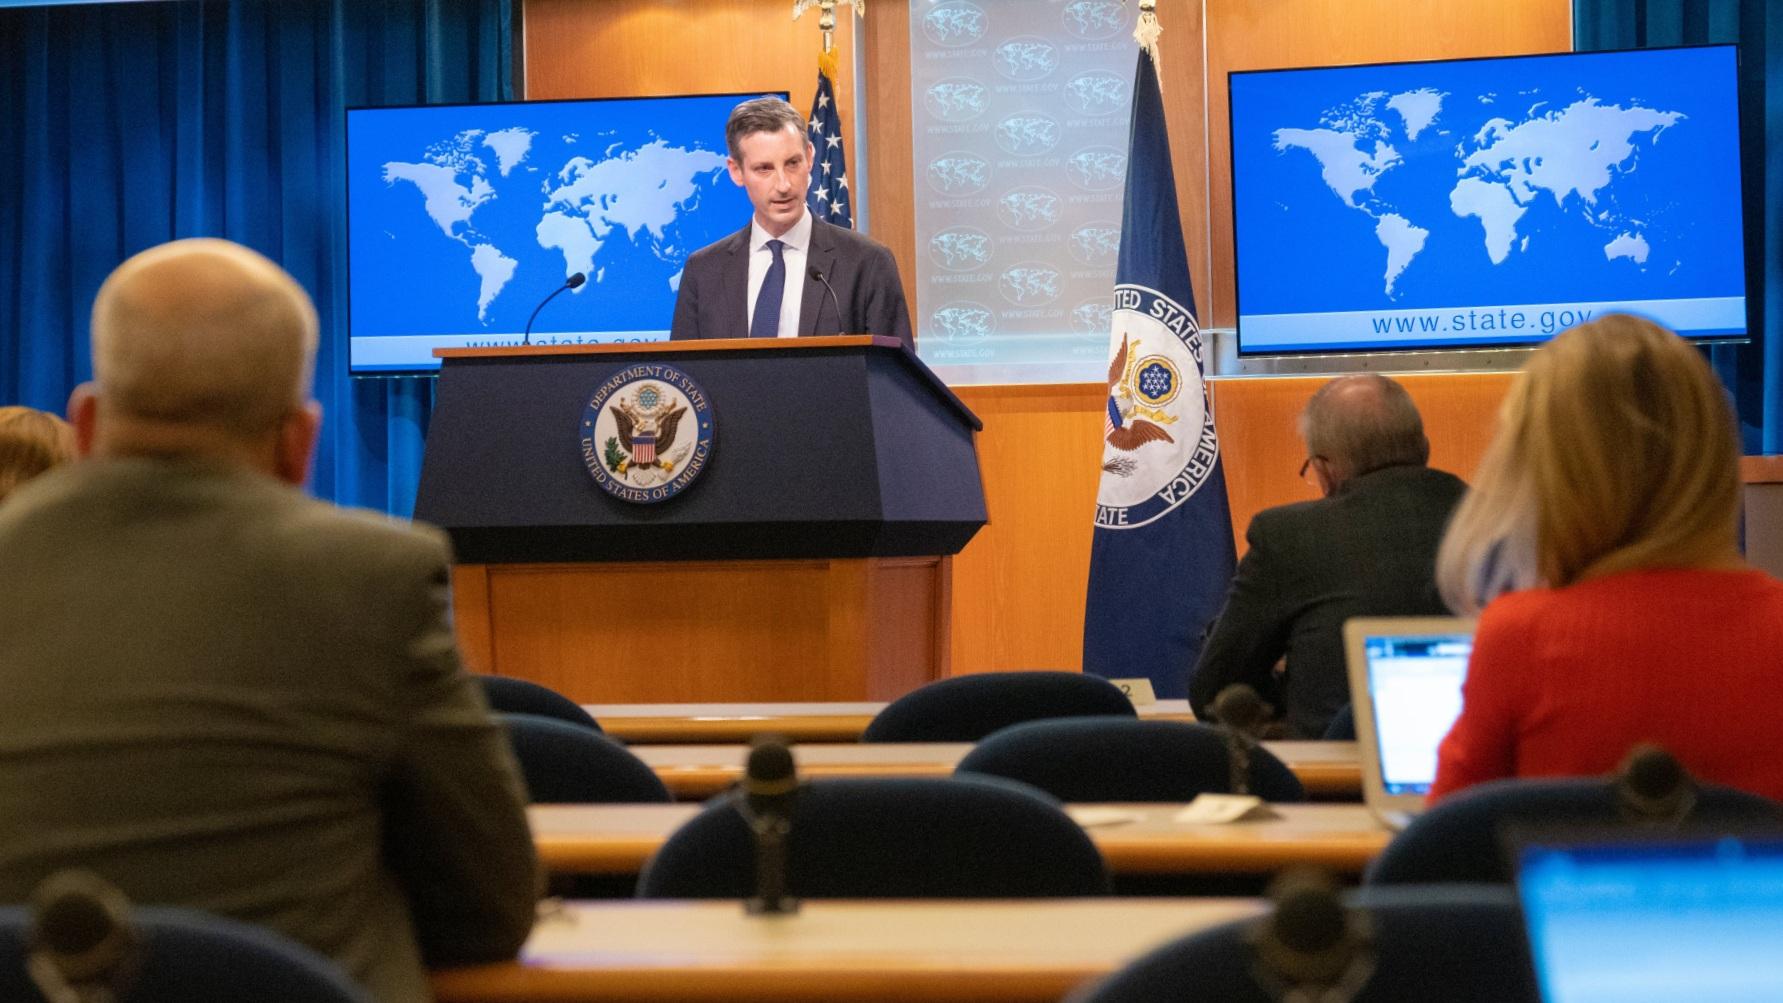 Госдеп США критикует решение «Грузинской мечты» выйти из соглашения от 19 апреля